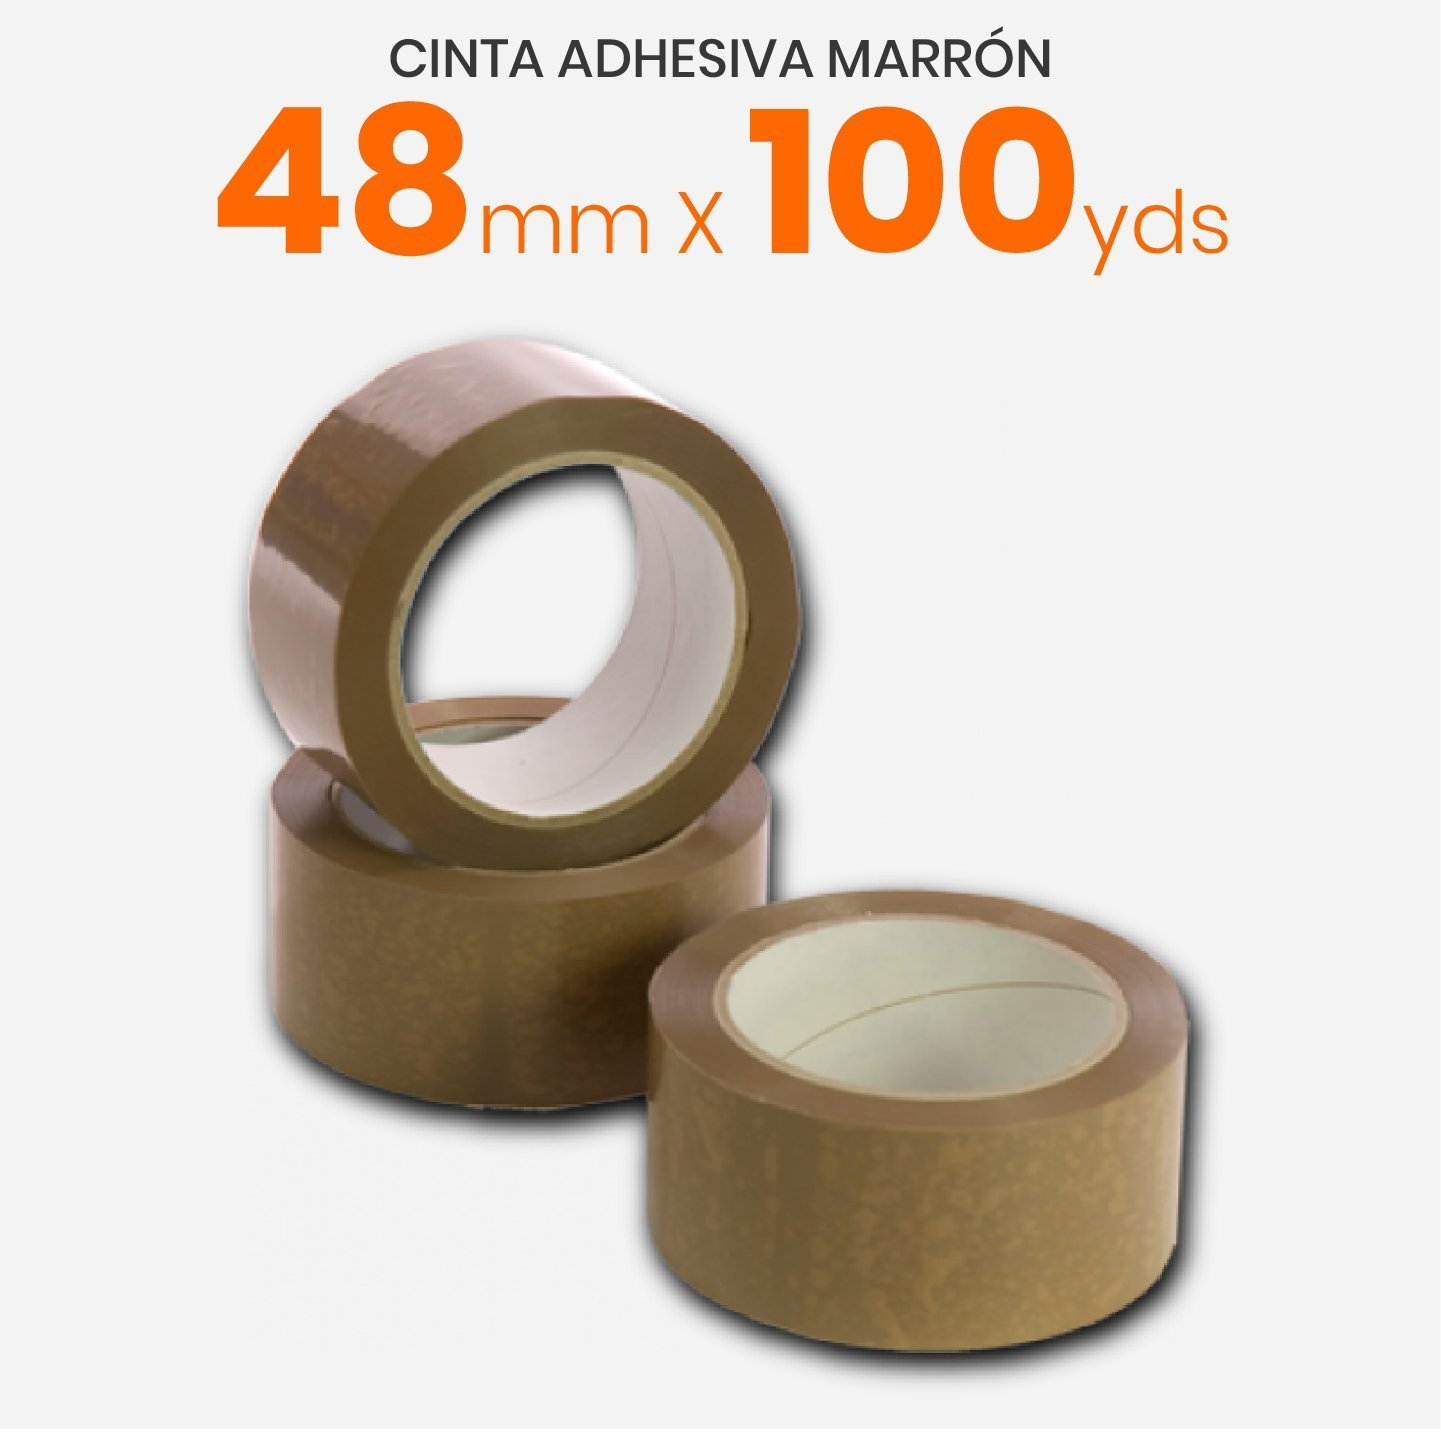 Cinta Adhesiva Marrón 48mm x 100yds